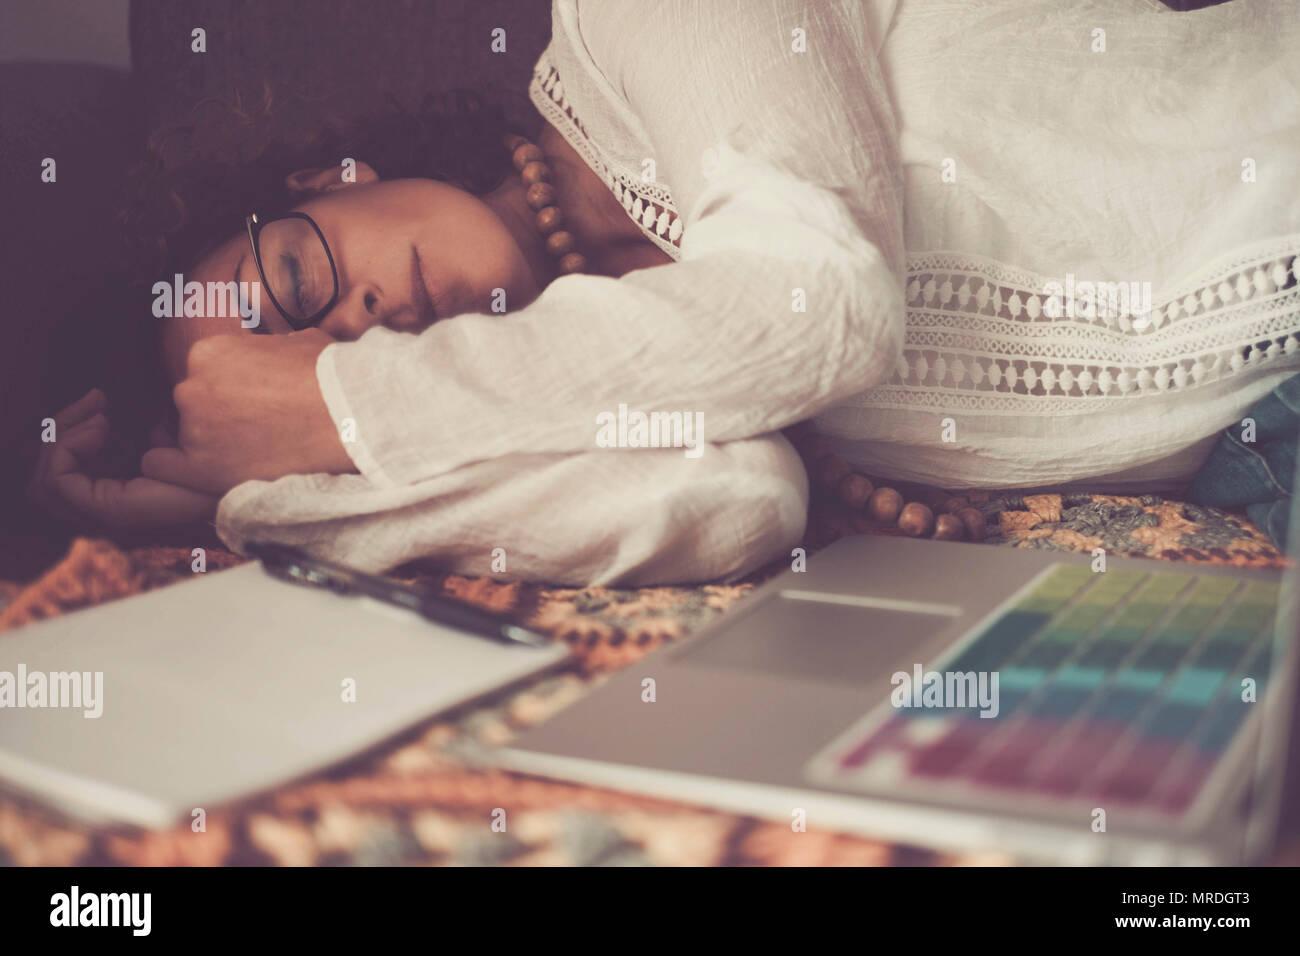 Magnifique lonely woman dormir après un bon travail à domicile avec ordinateur portable. pas d'heures de travail à la maison plutôt que de problème qu'un bureau habituel. al Photo Stock